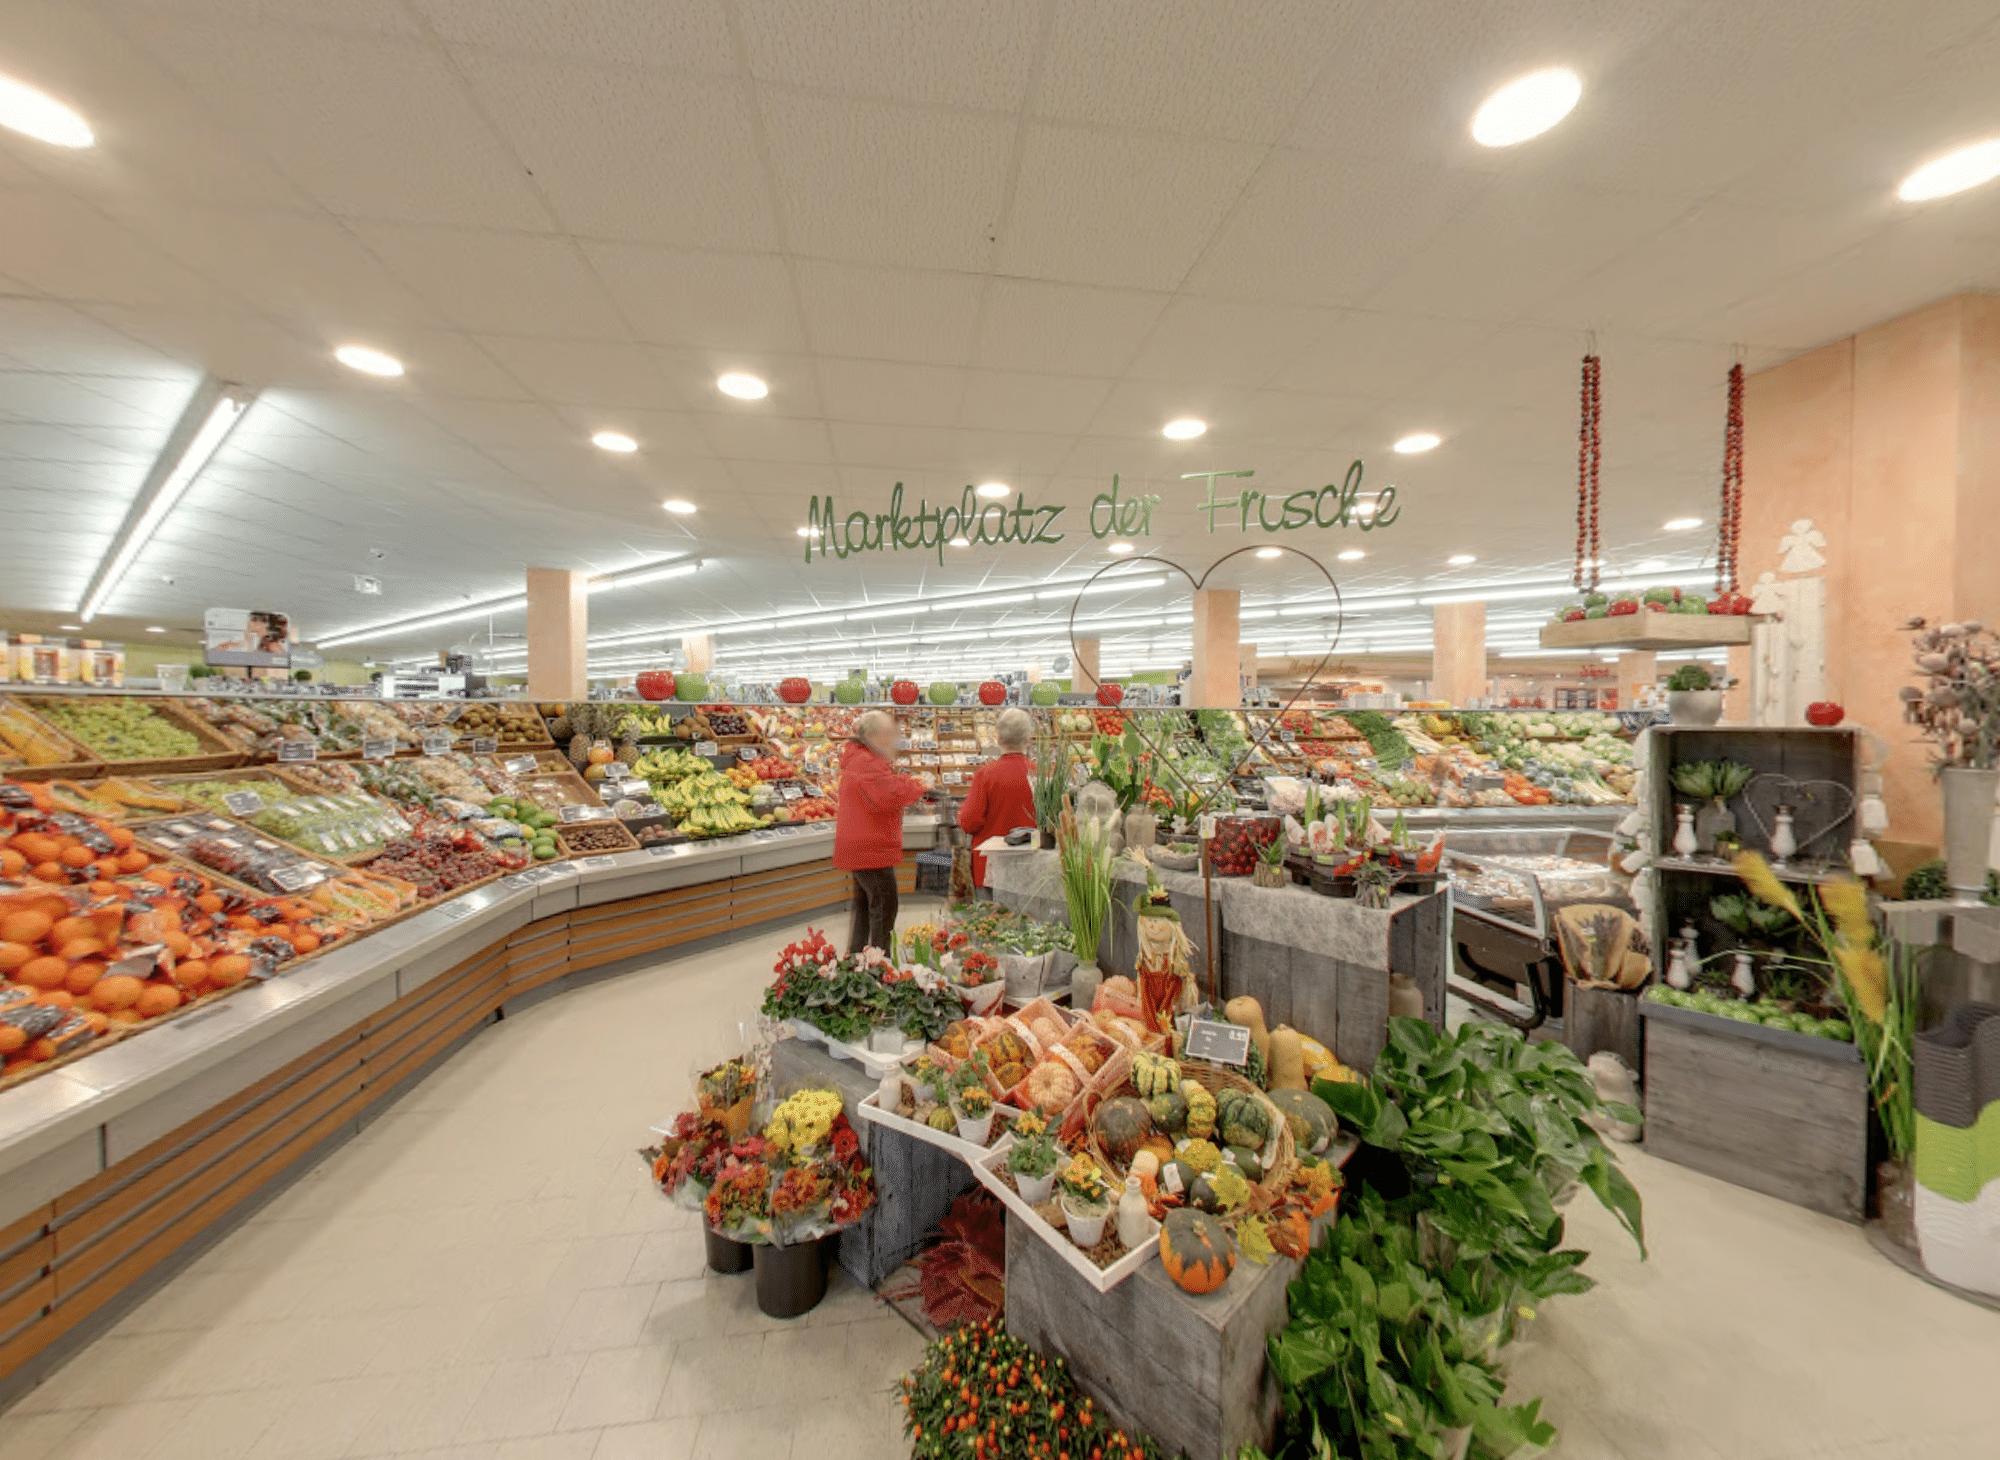 edeka markt patrick roddelkopf fotografie